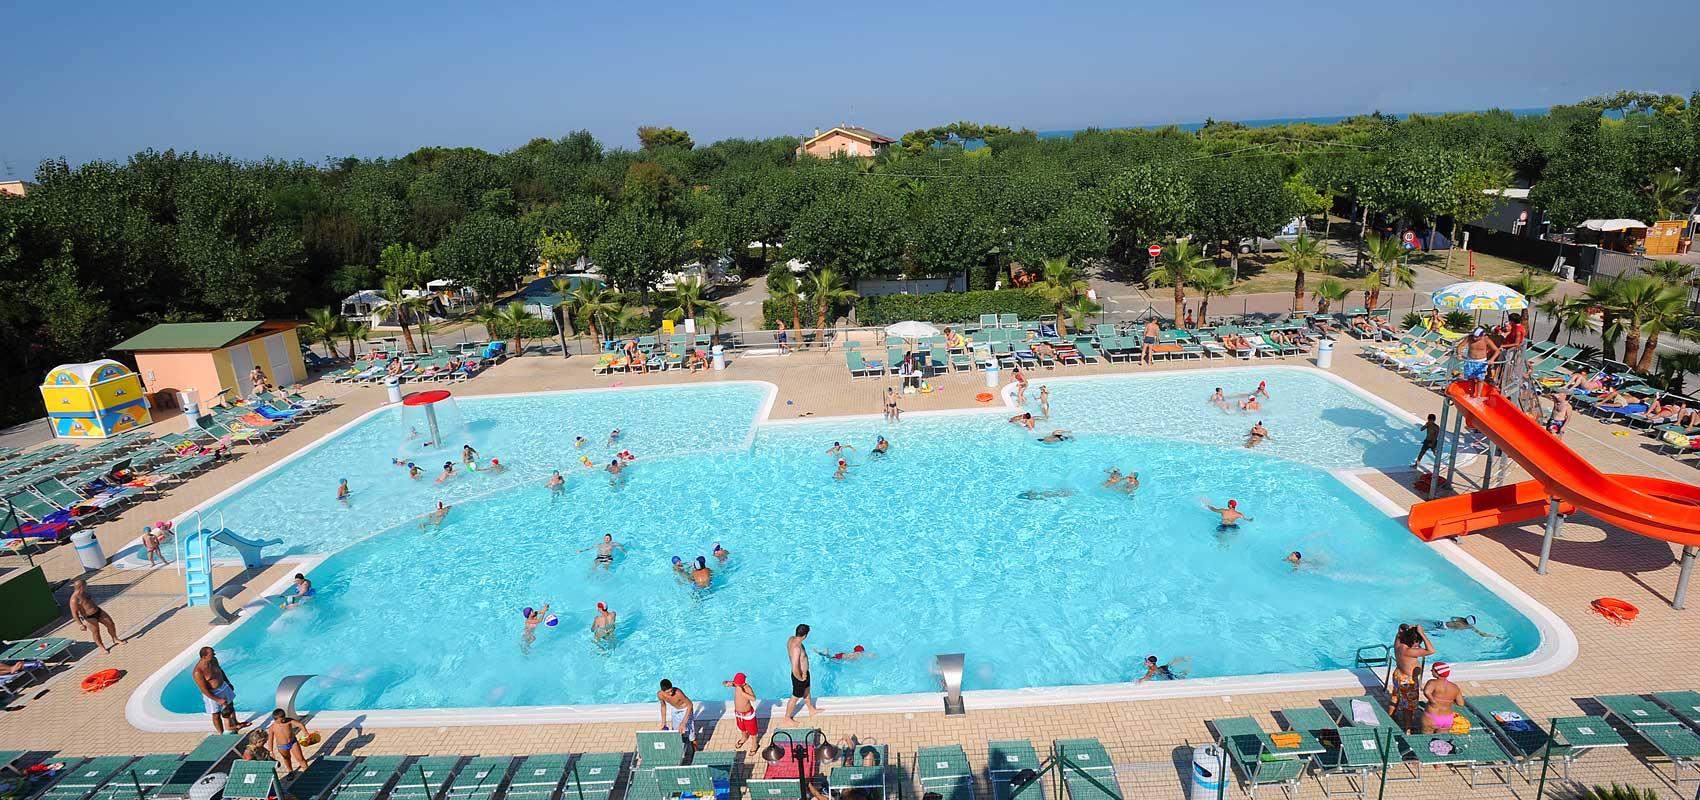 Abruzzo il don antonio camping village di giulianova - Hotel con piscina abruzzo ...